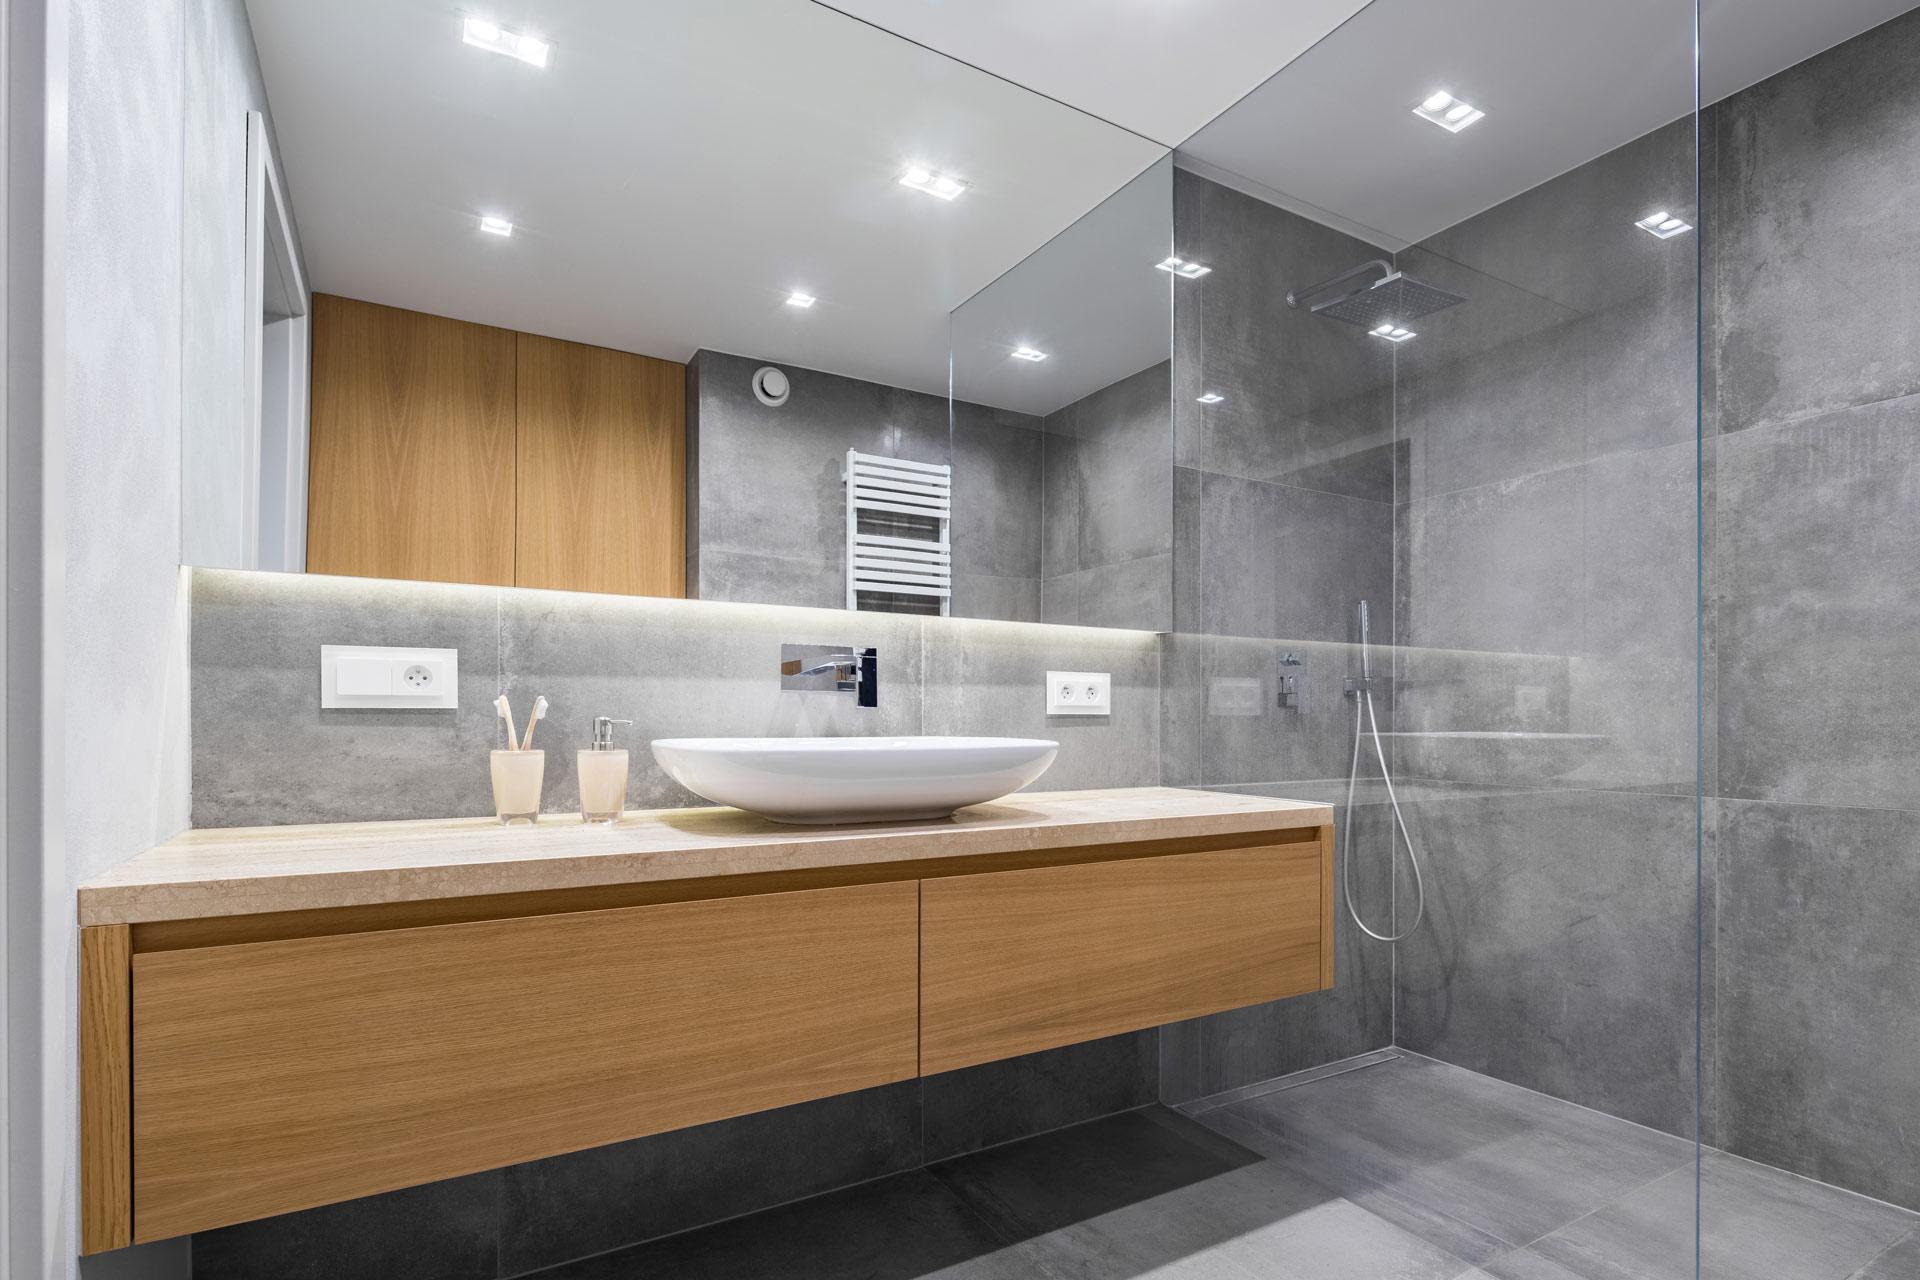 spot-led-salle-bain